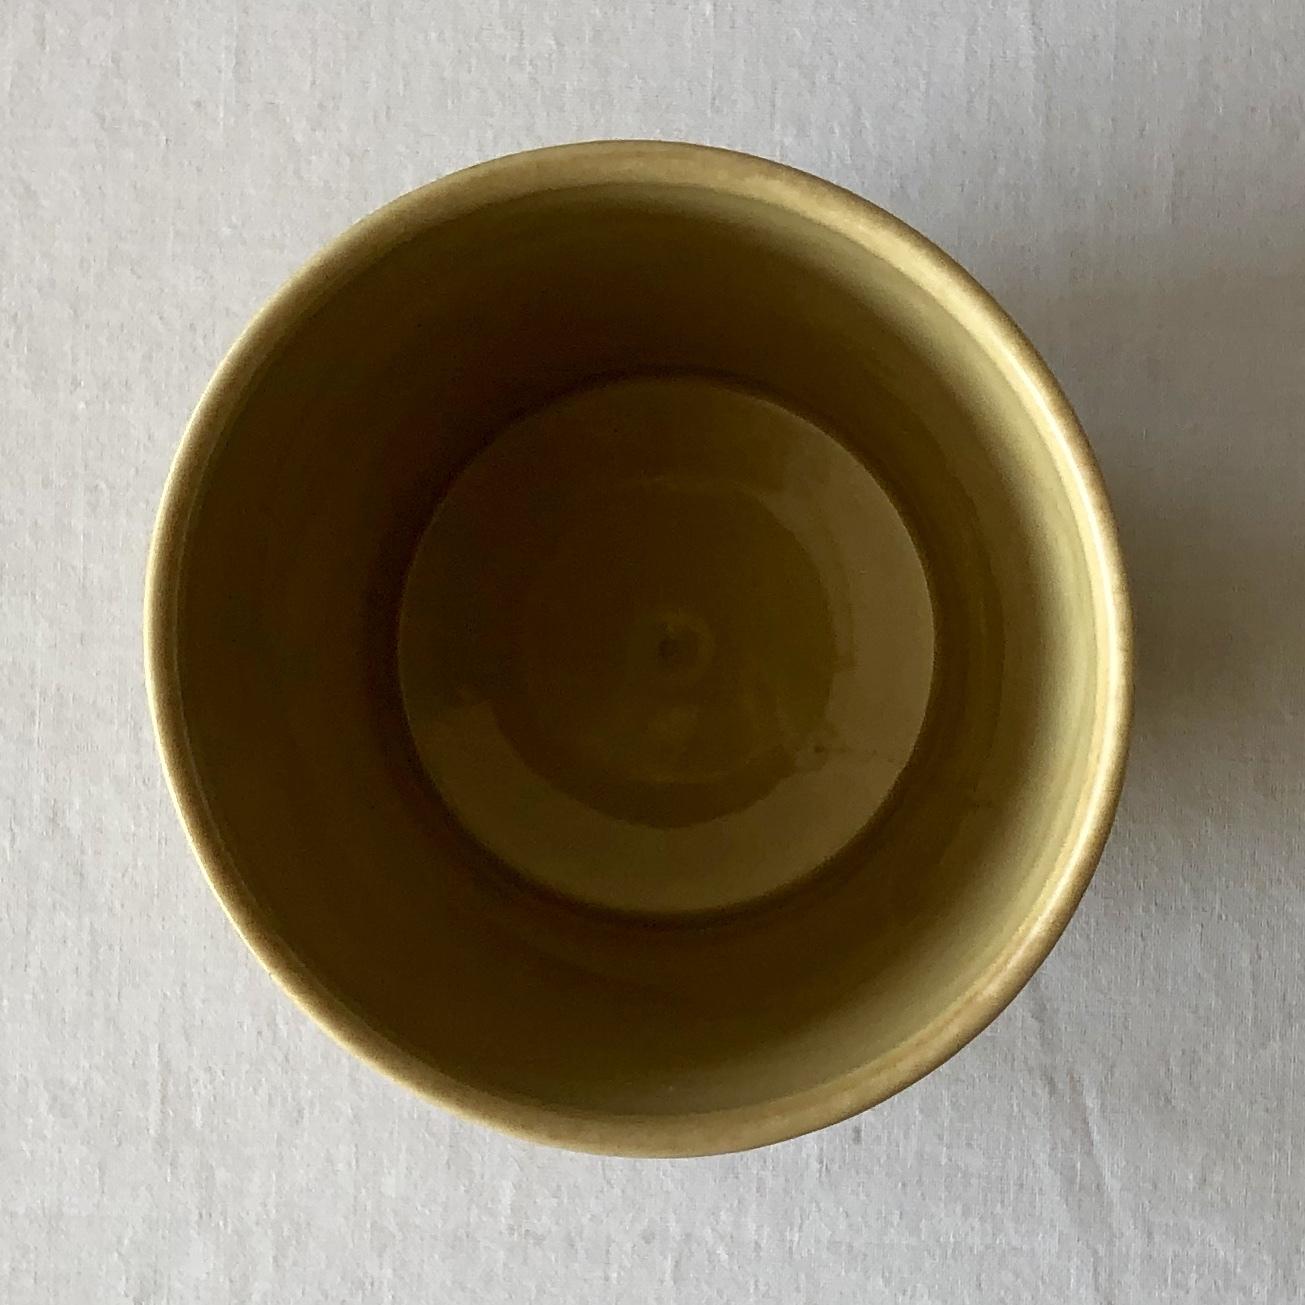 アウトレット陶器市を開催します!!_f0220354_17025098.jpeg